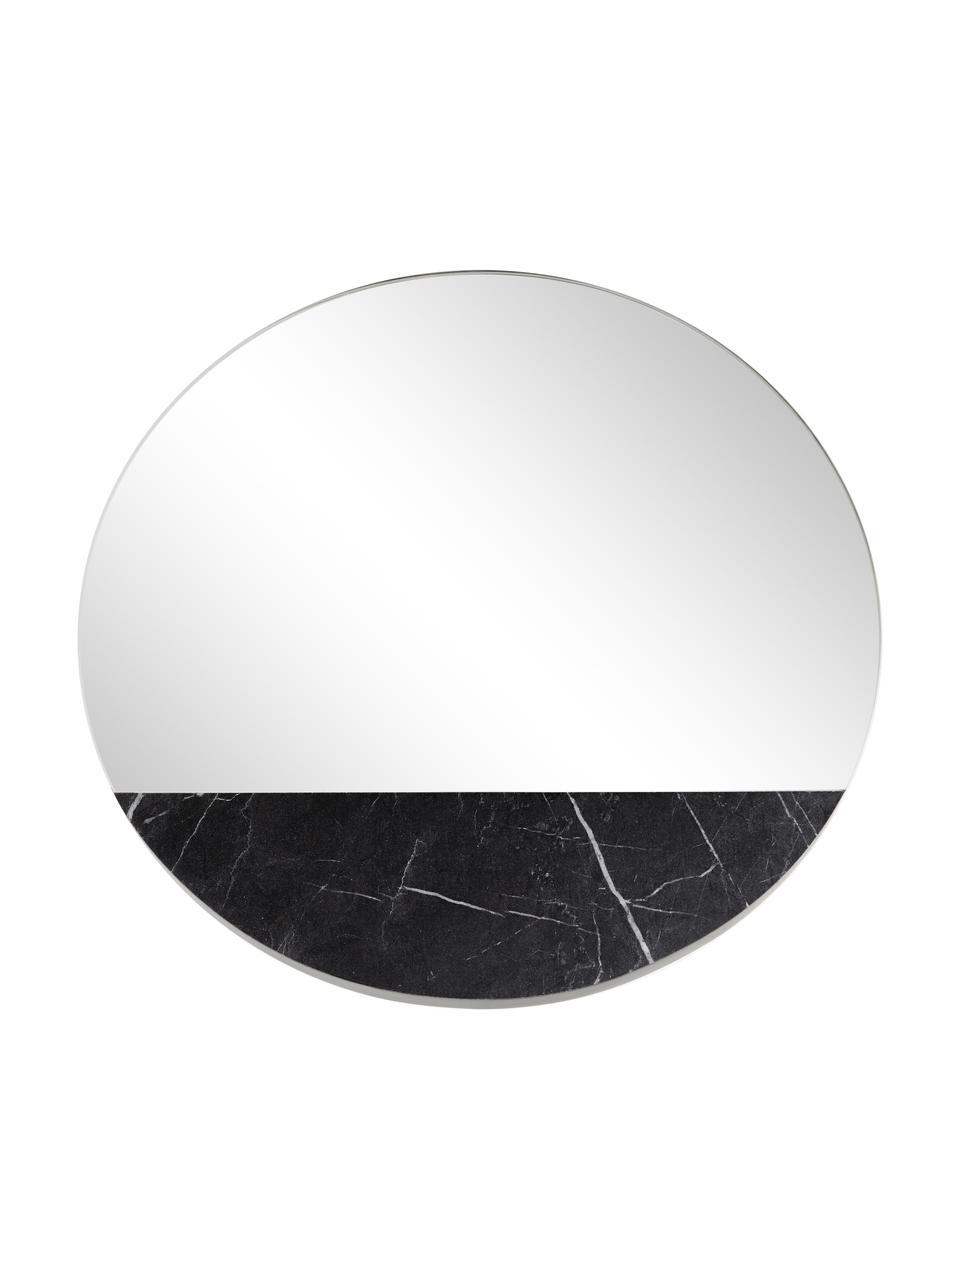 Specchio da parete effetto marmo Stockholm, Cornice: melamina, Superficie dello specchio: lastra di vetro, Retro: pannello di fibra a media, Nero marmorizzato, Ø 60 cm